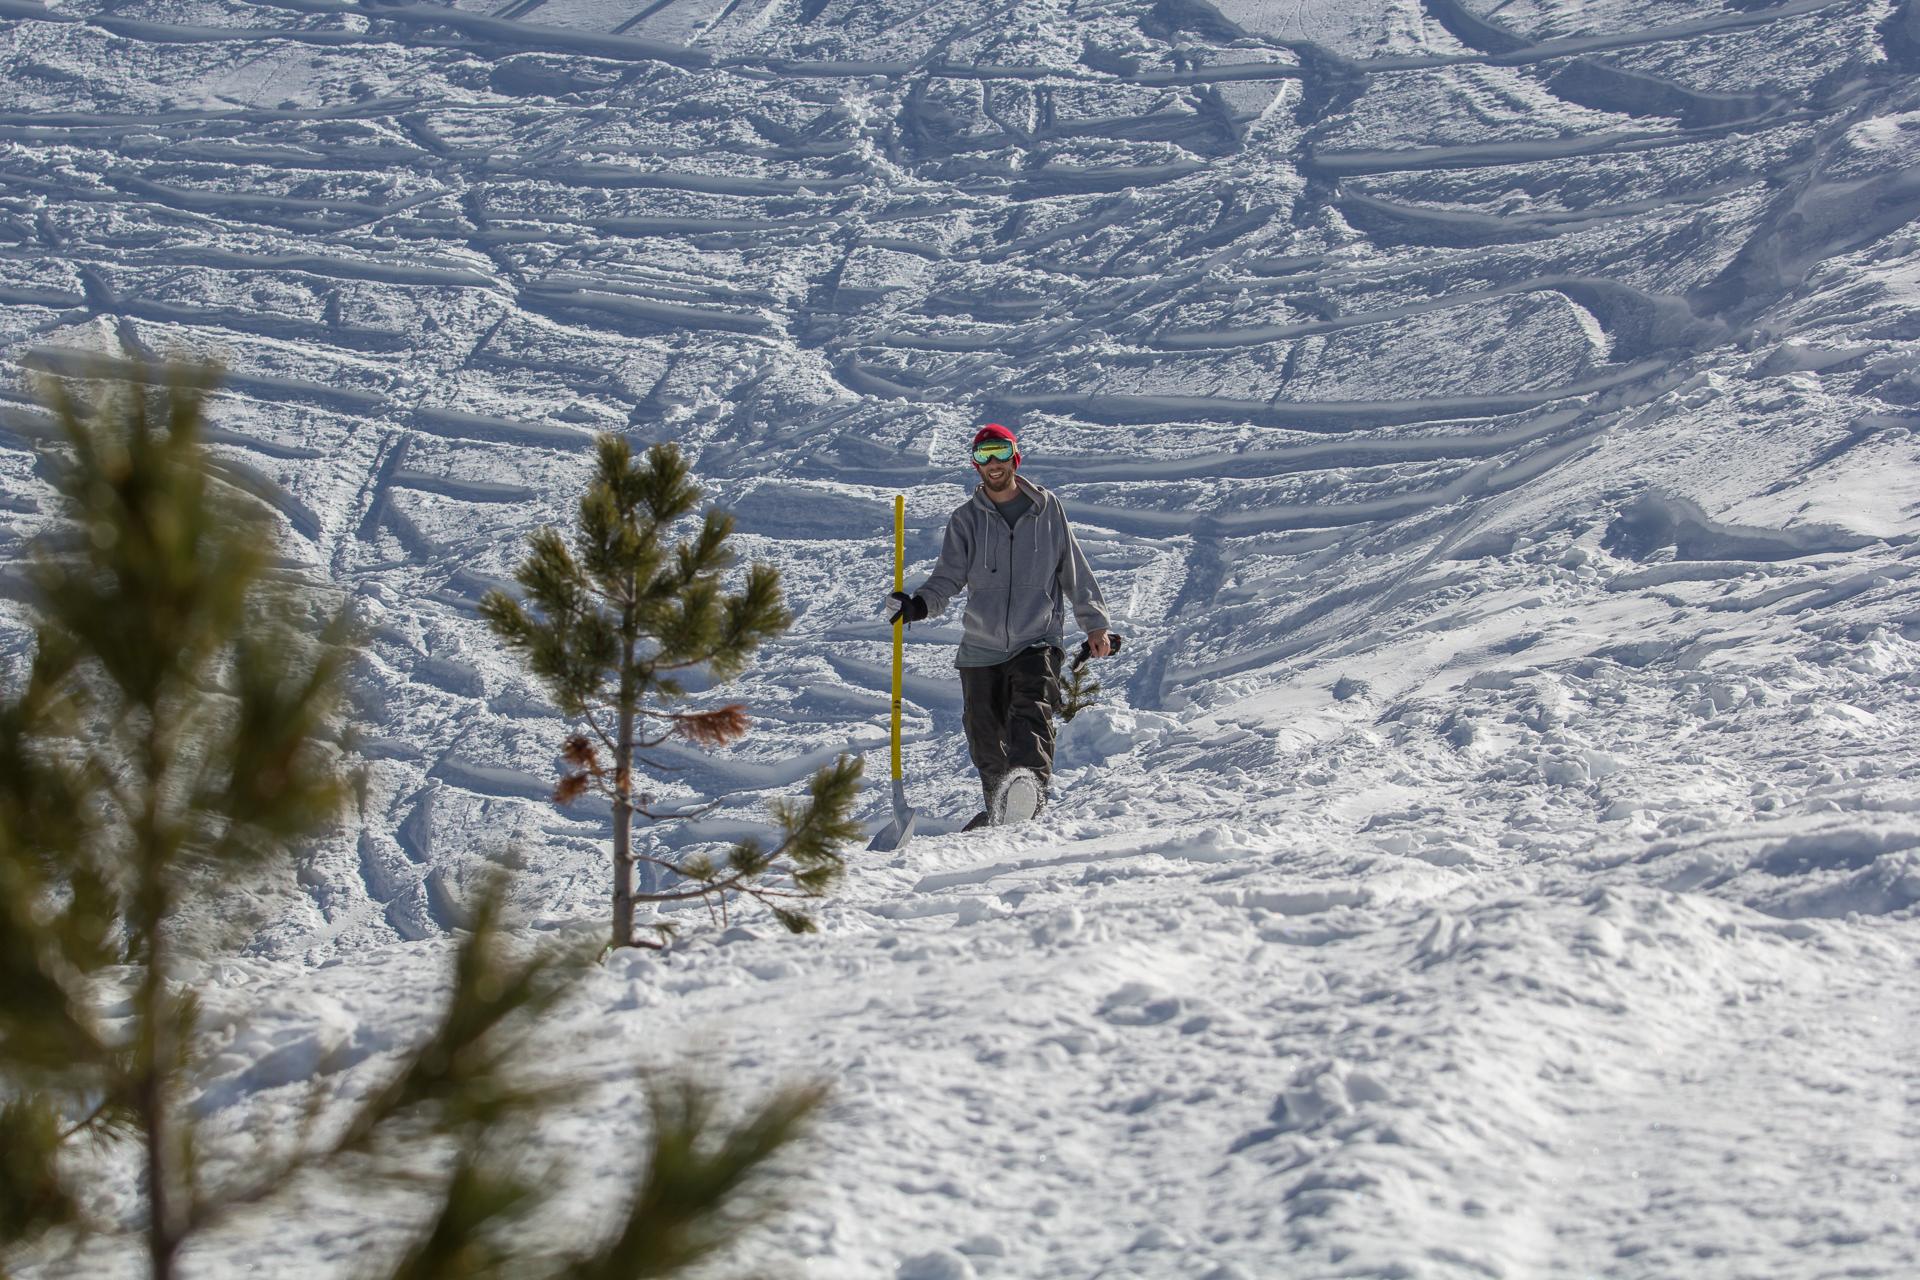 Egal ob Snowboarder oder Skifahrer, alle haben zusammen gebaut und Spaß gehabt.